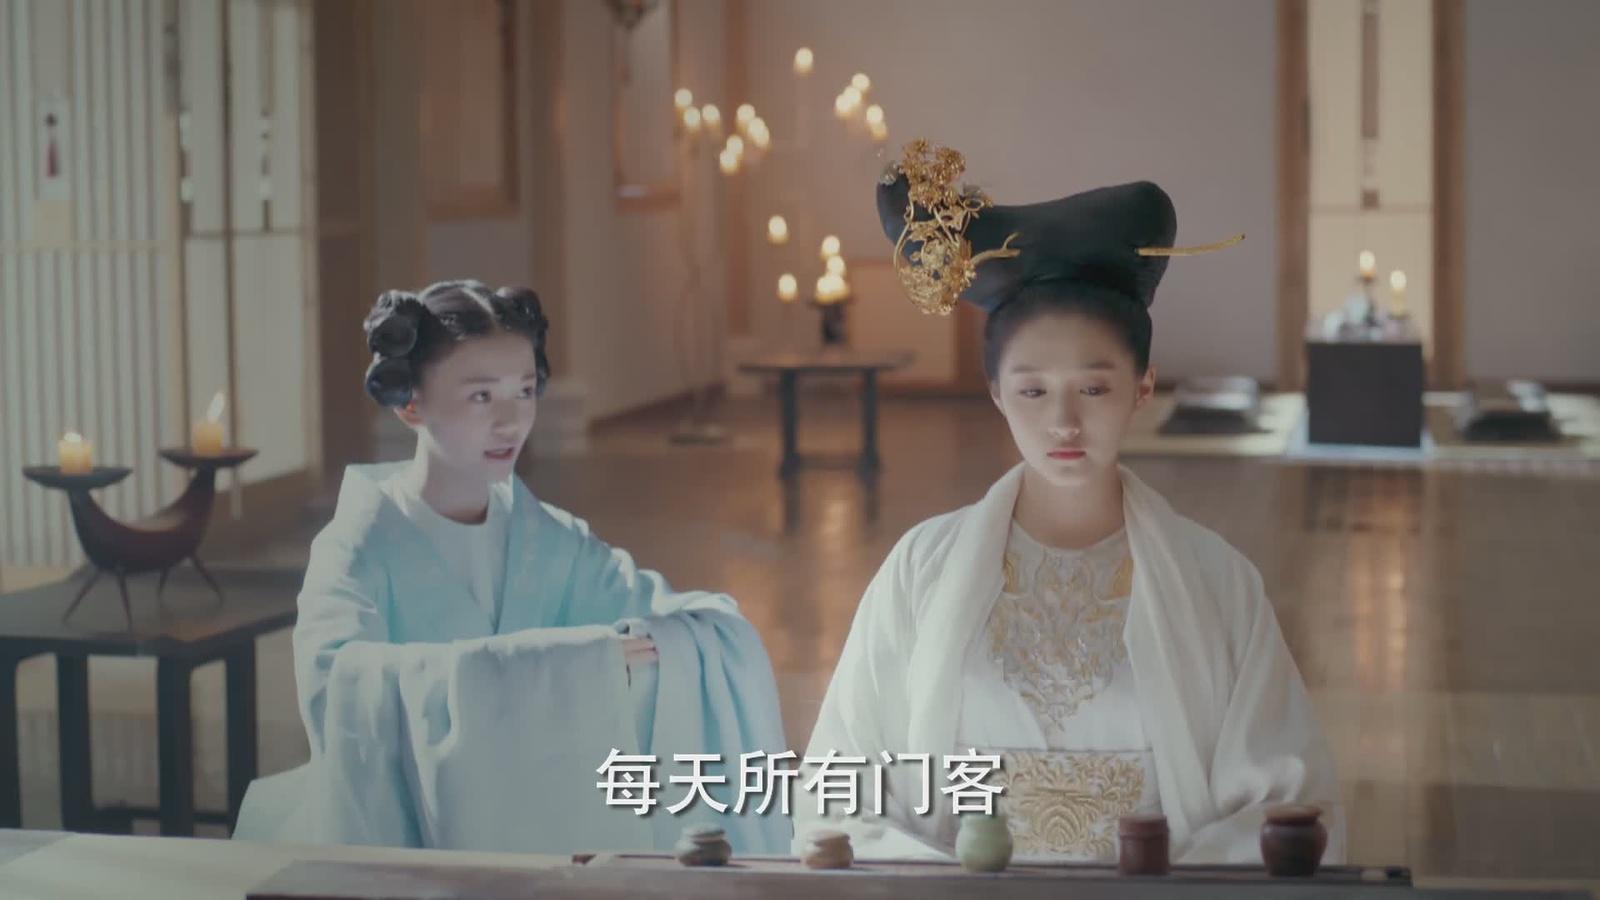 """关晓彤新剧挑战第一女主 剧中造型被调侃为""""缝纫机"""""""